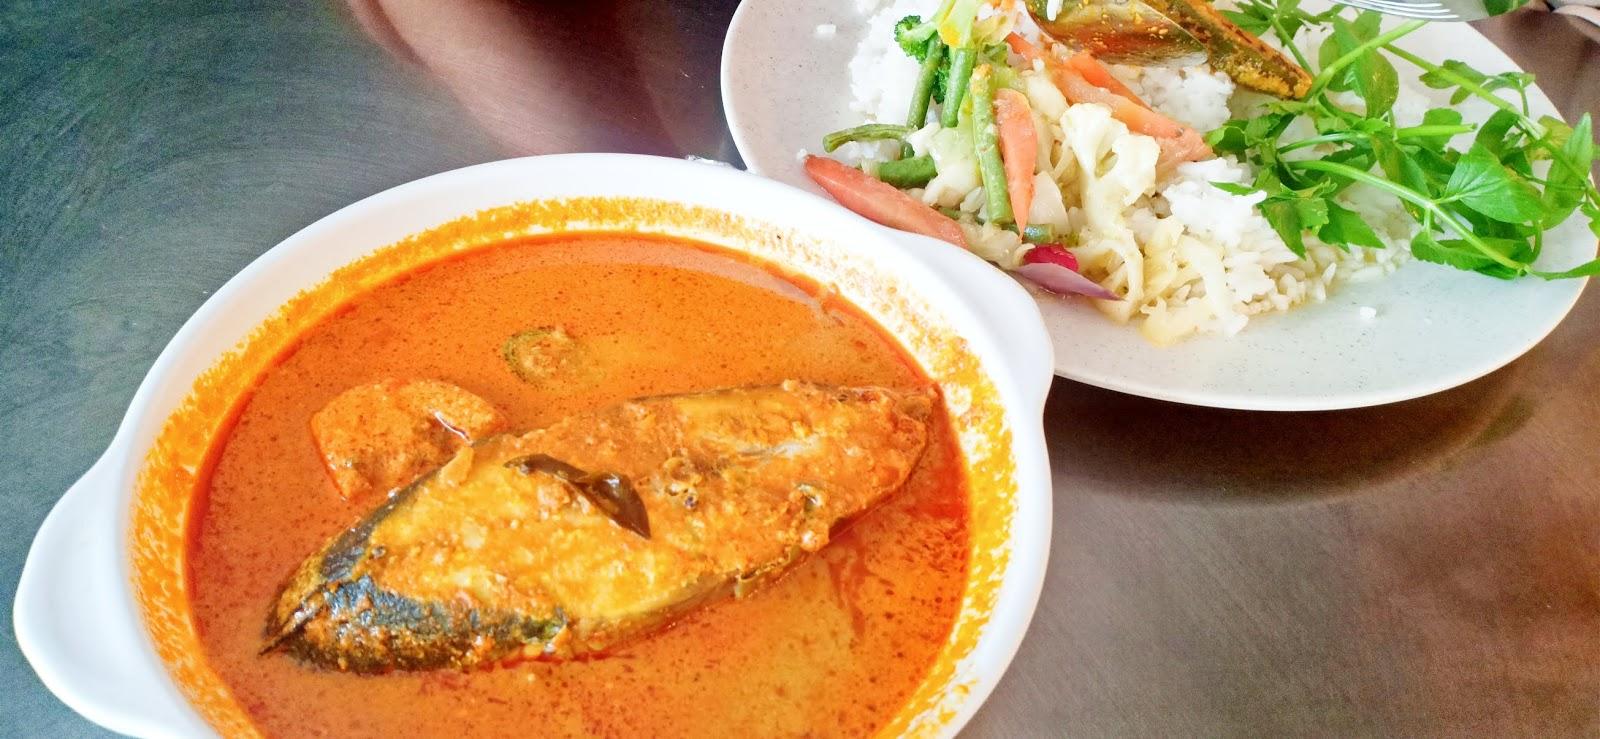 Tempat Makan Menarik di Seremban | Menarik Juga Lunch di Medan Selera PSMA Ampangan Seremban Negeri Sembilan